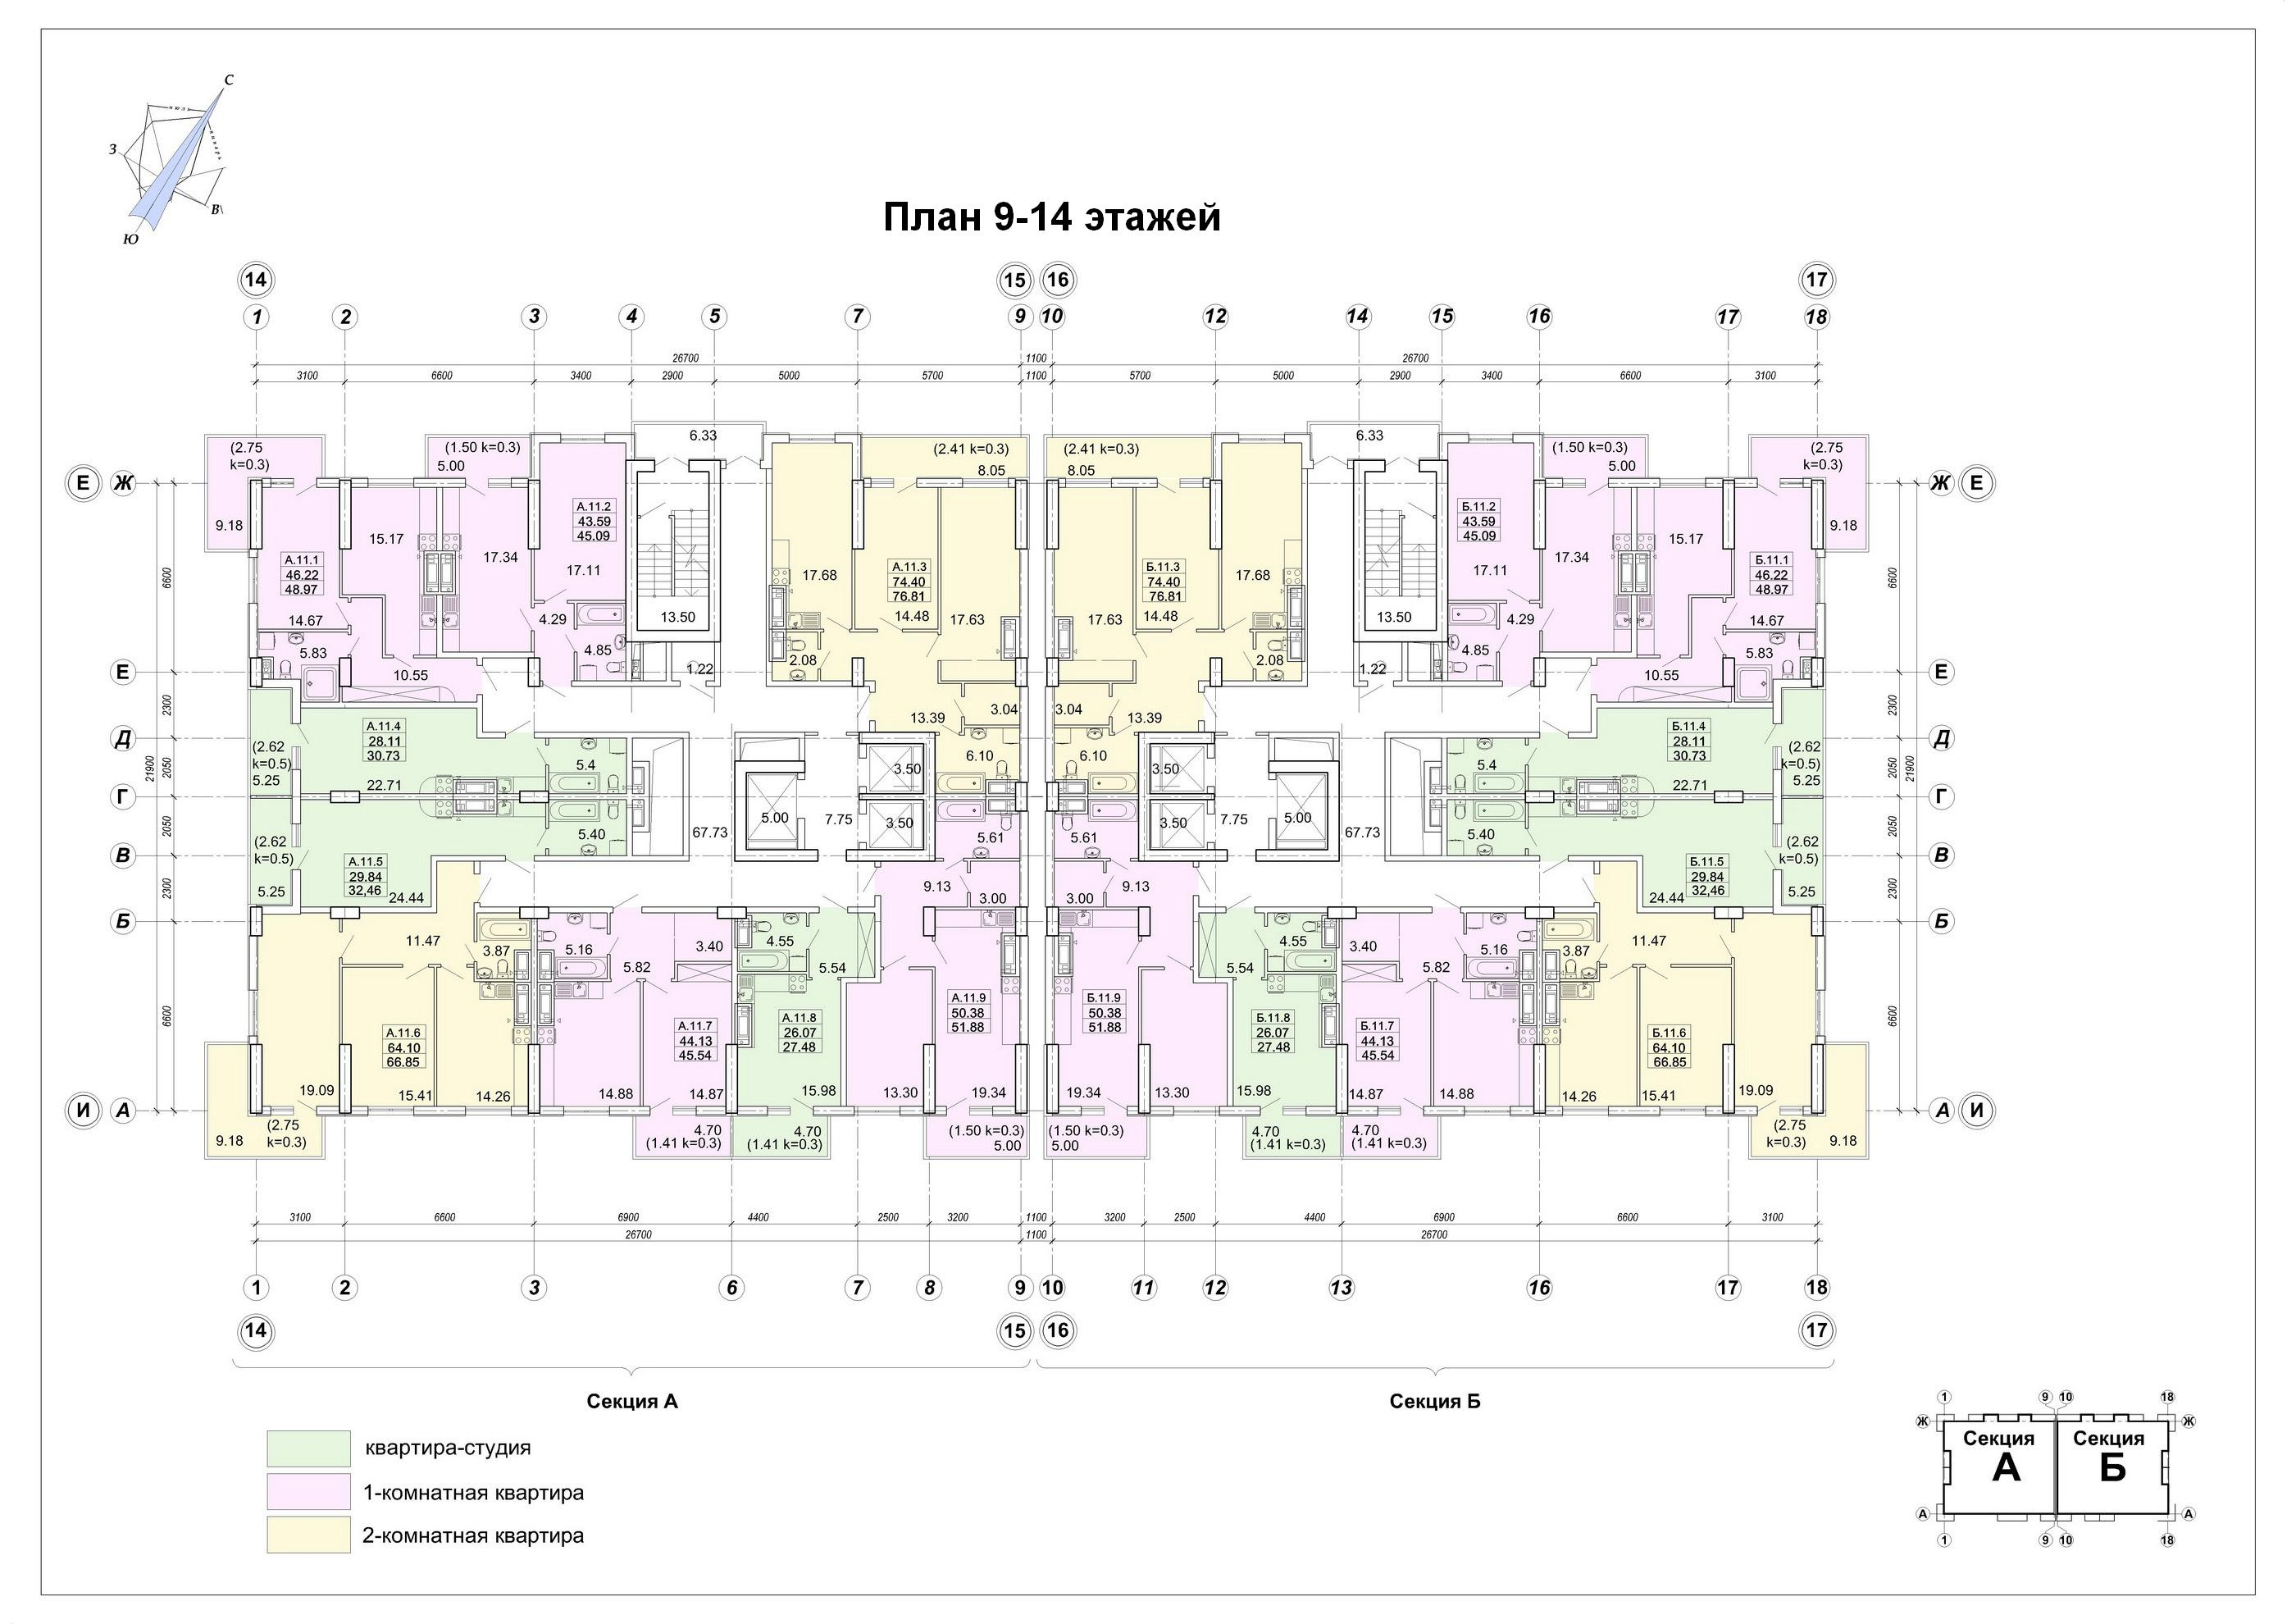 ЖК Акрополь план 9-14 этажей